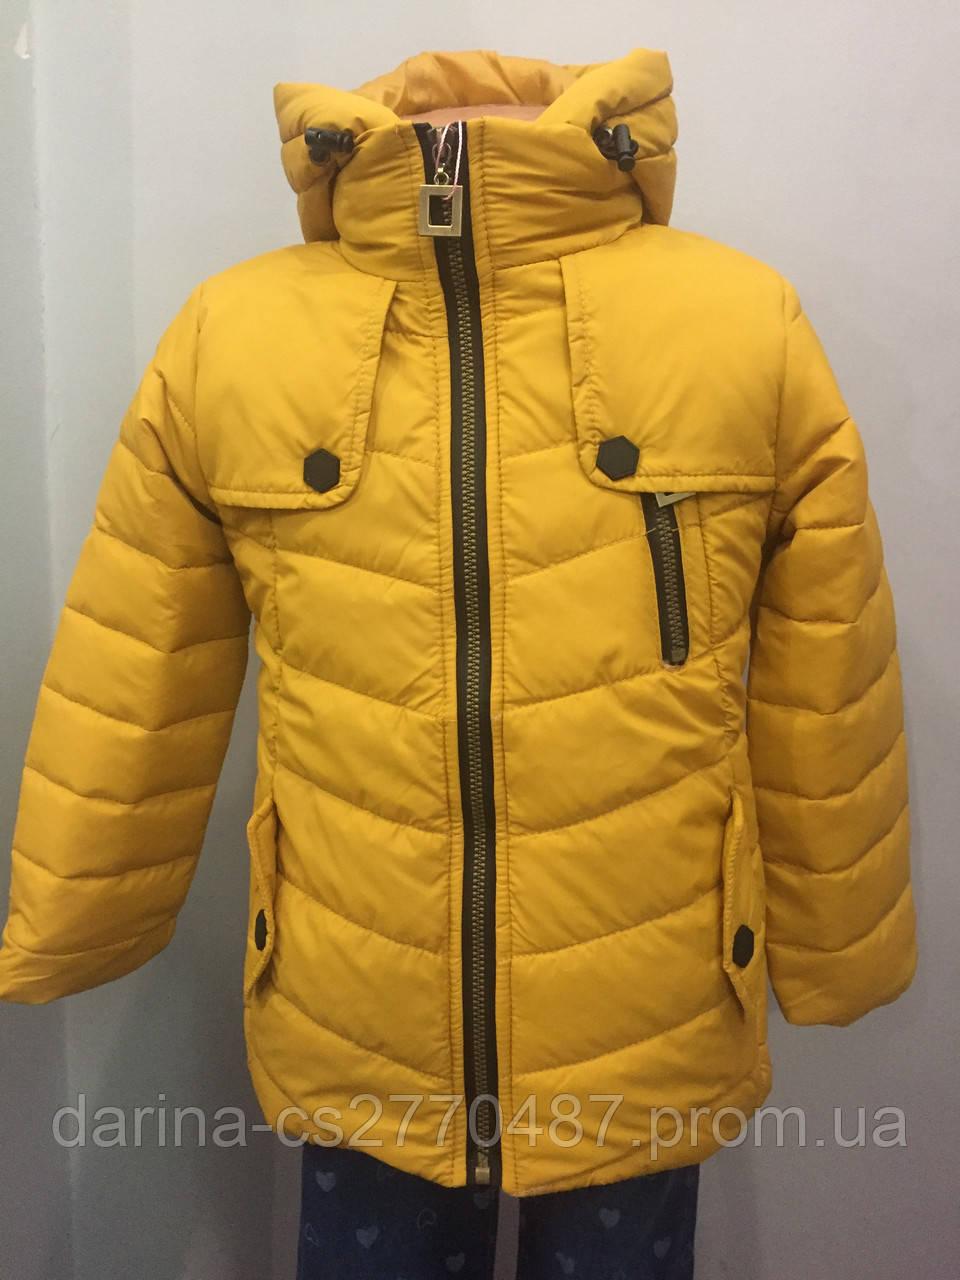 Демисезонная детская куртка для девочки 104,116 см